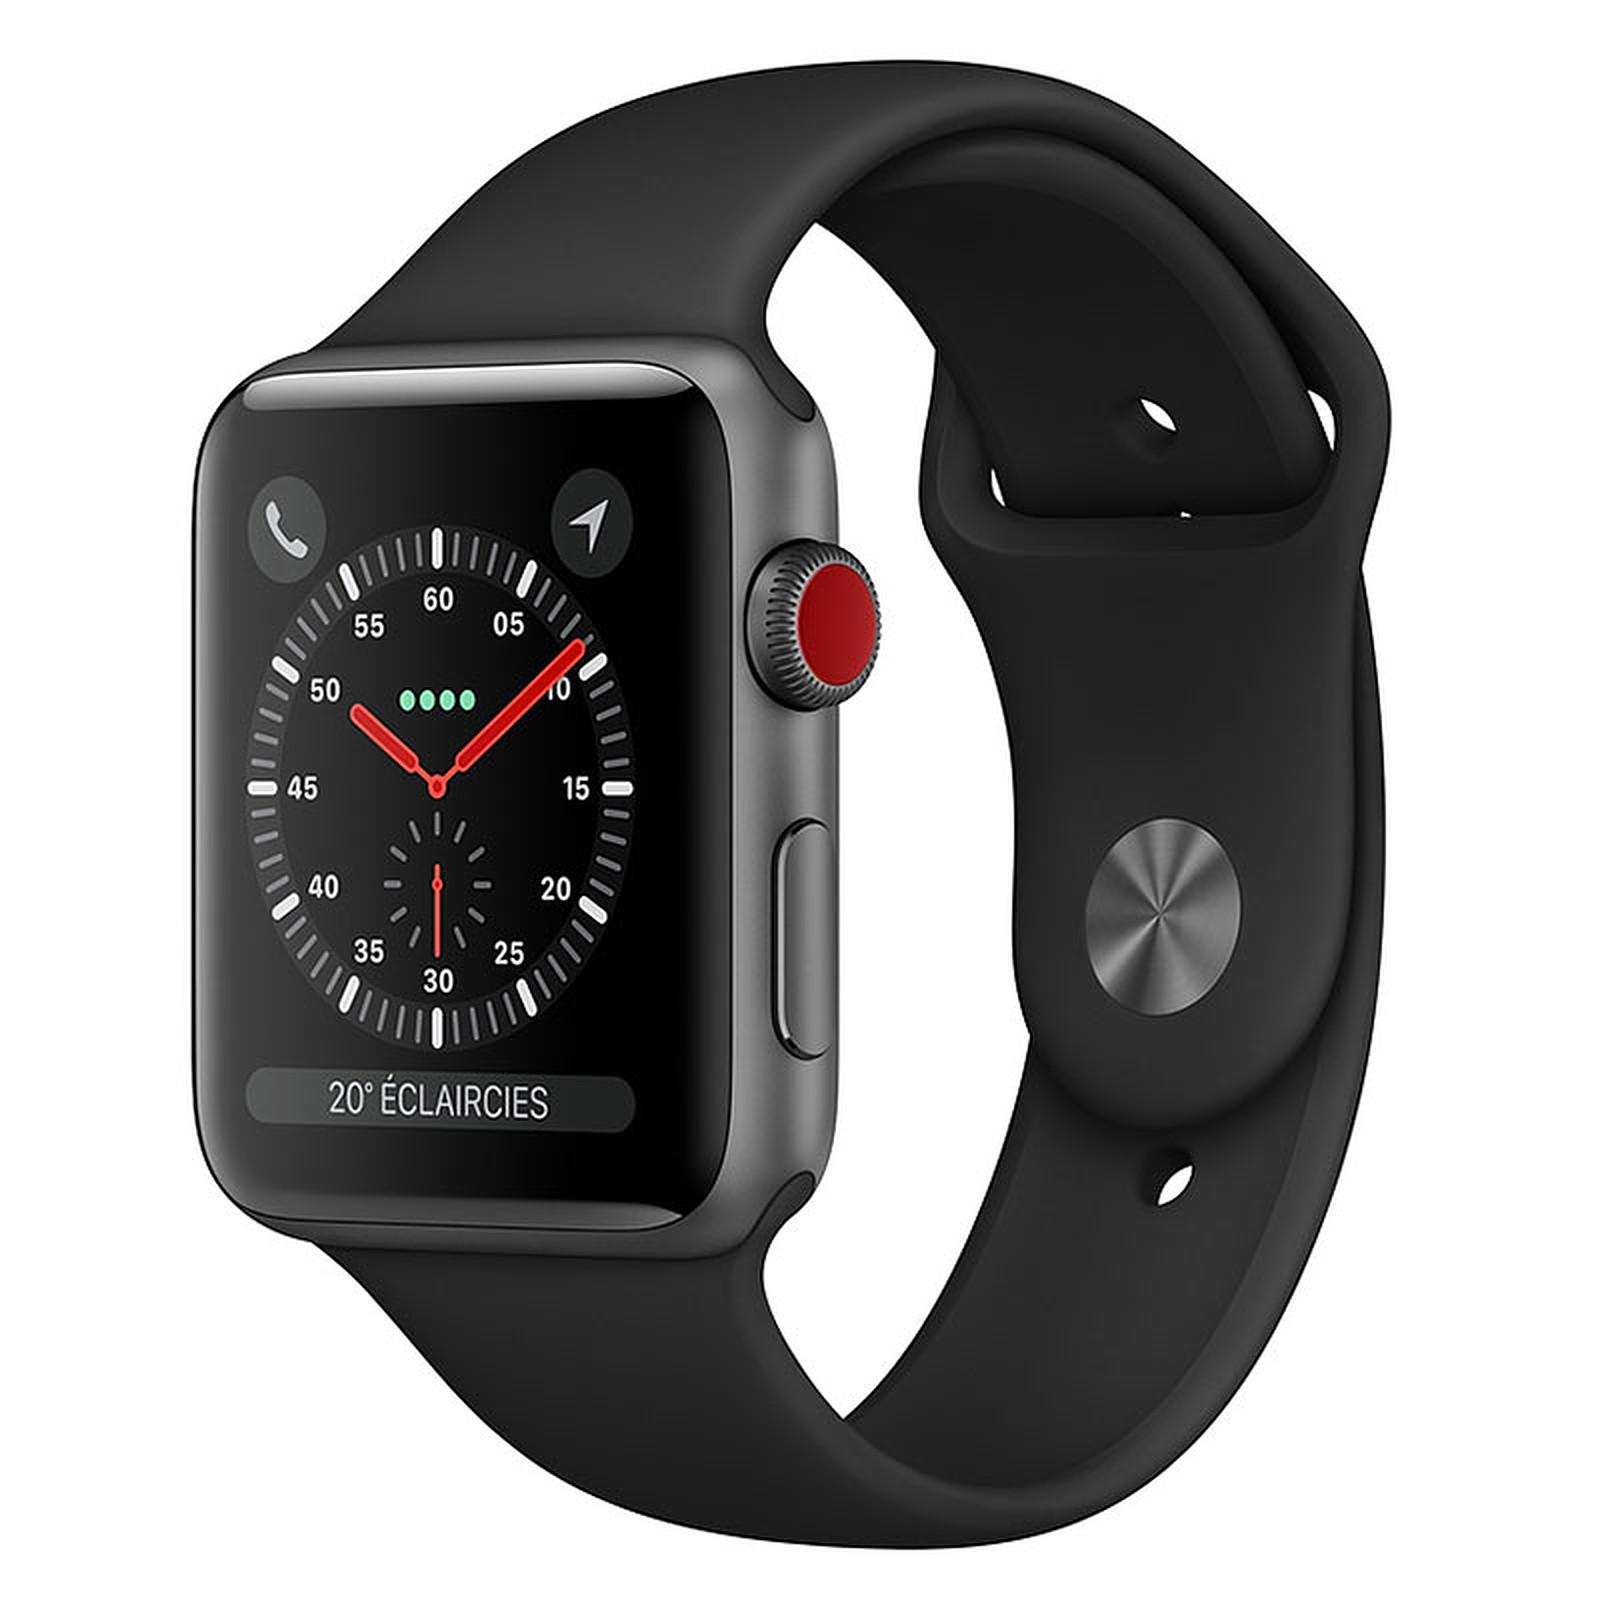 precios de remate disponibilidad en el reino unido zapatos de temperamento Apple Watch Serie 3 GPS + Lado aluminio celular Gris Sport Negro 38 mm